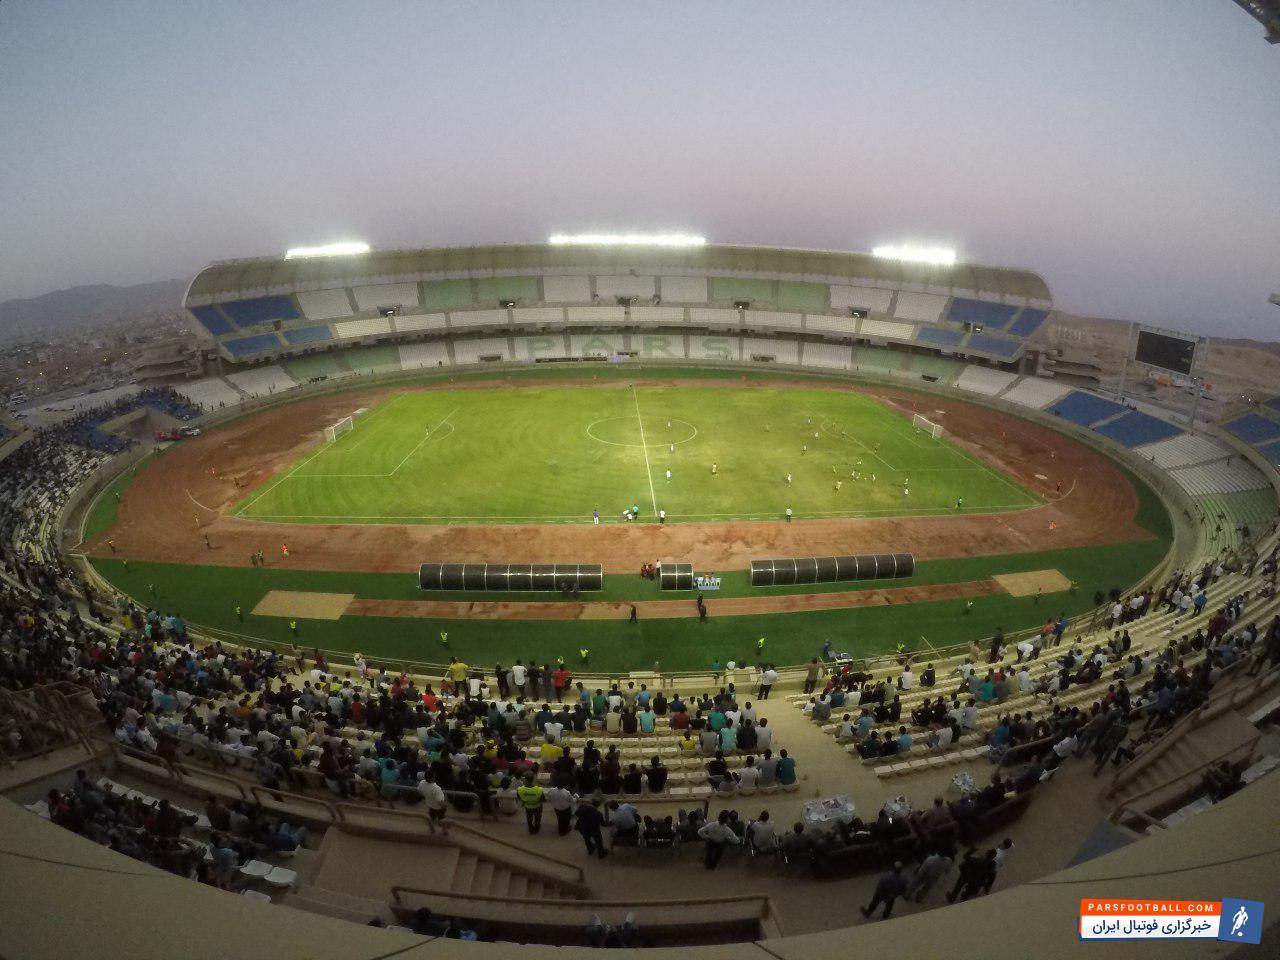 ورزشگاه پارس ، فیلم ؛ آغاز بکار رسمی ورزشگاه پارس شیراز ؛ خبرگزاری فوتبال ایران